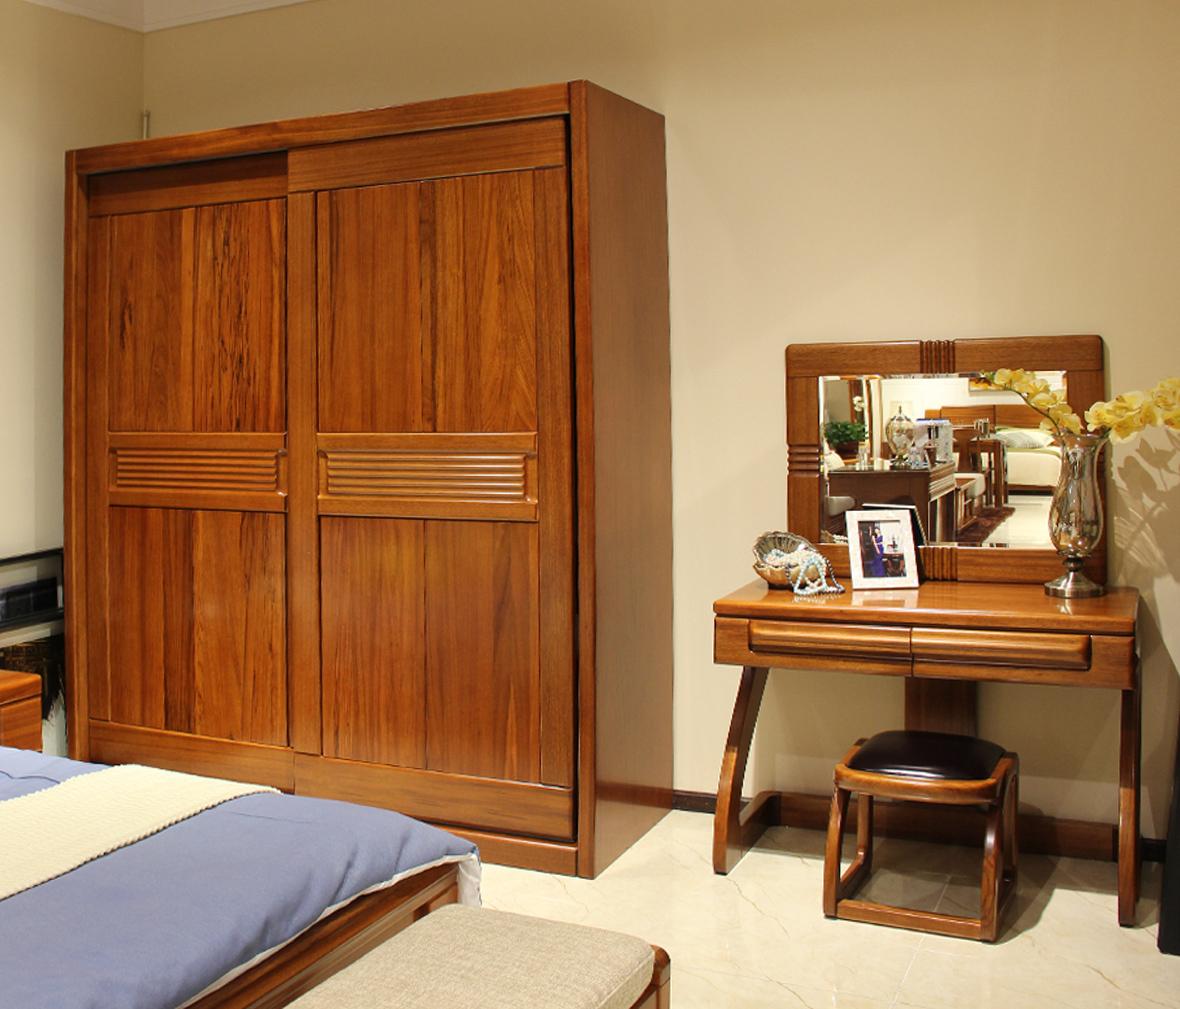 赖氏家具乌金木订制凳WJC02家具v家具实木型号梳妆铁图片